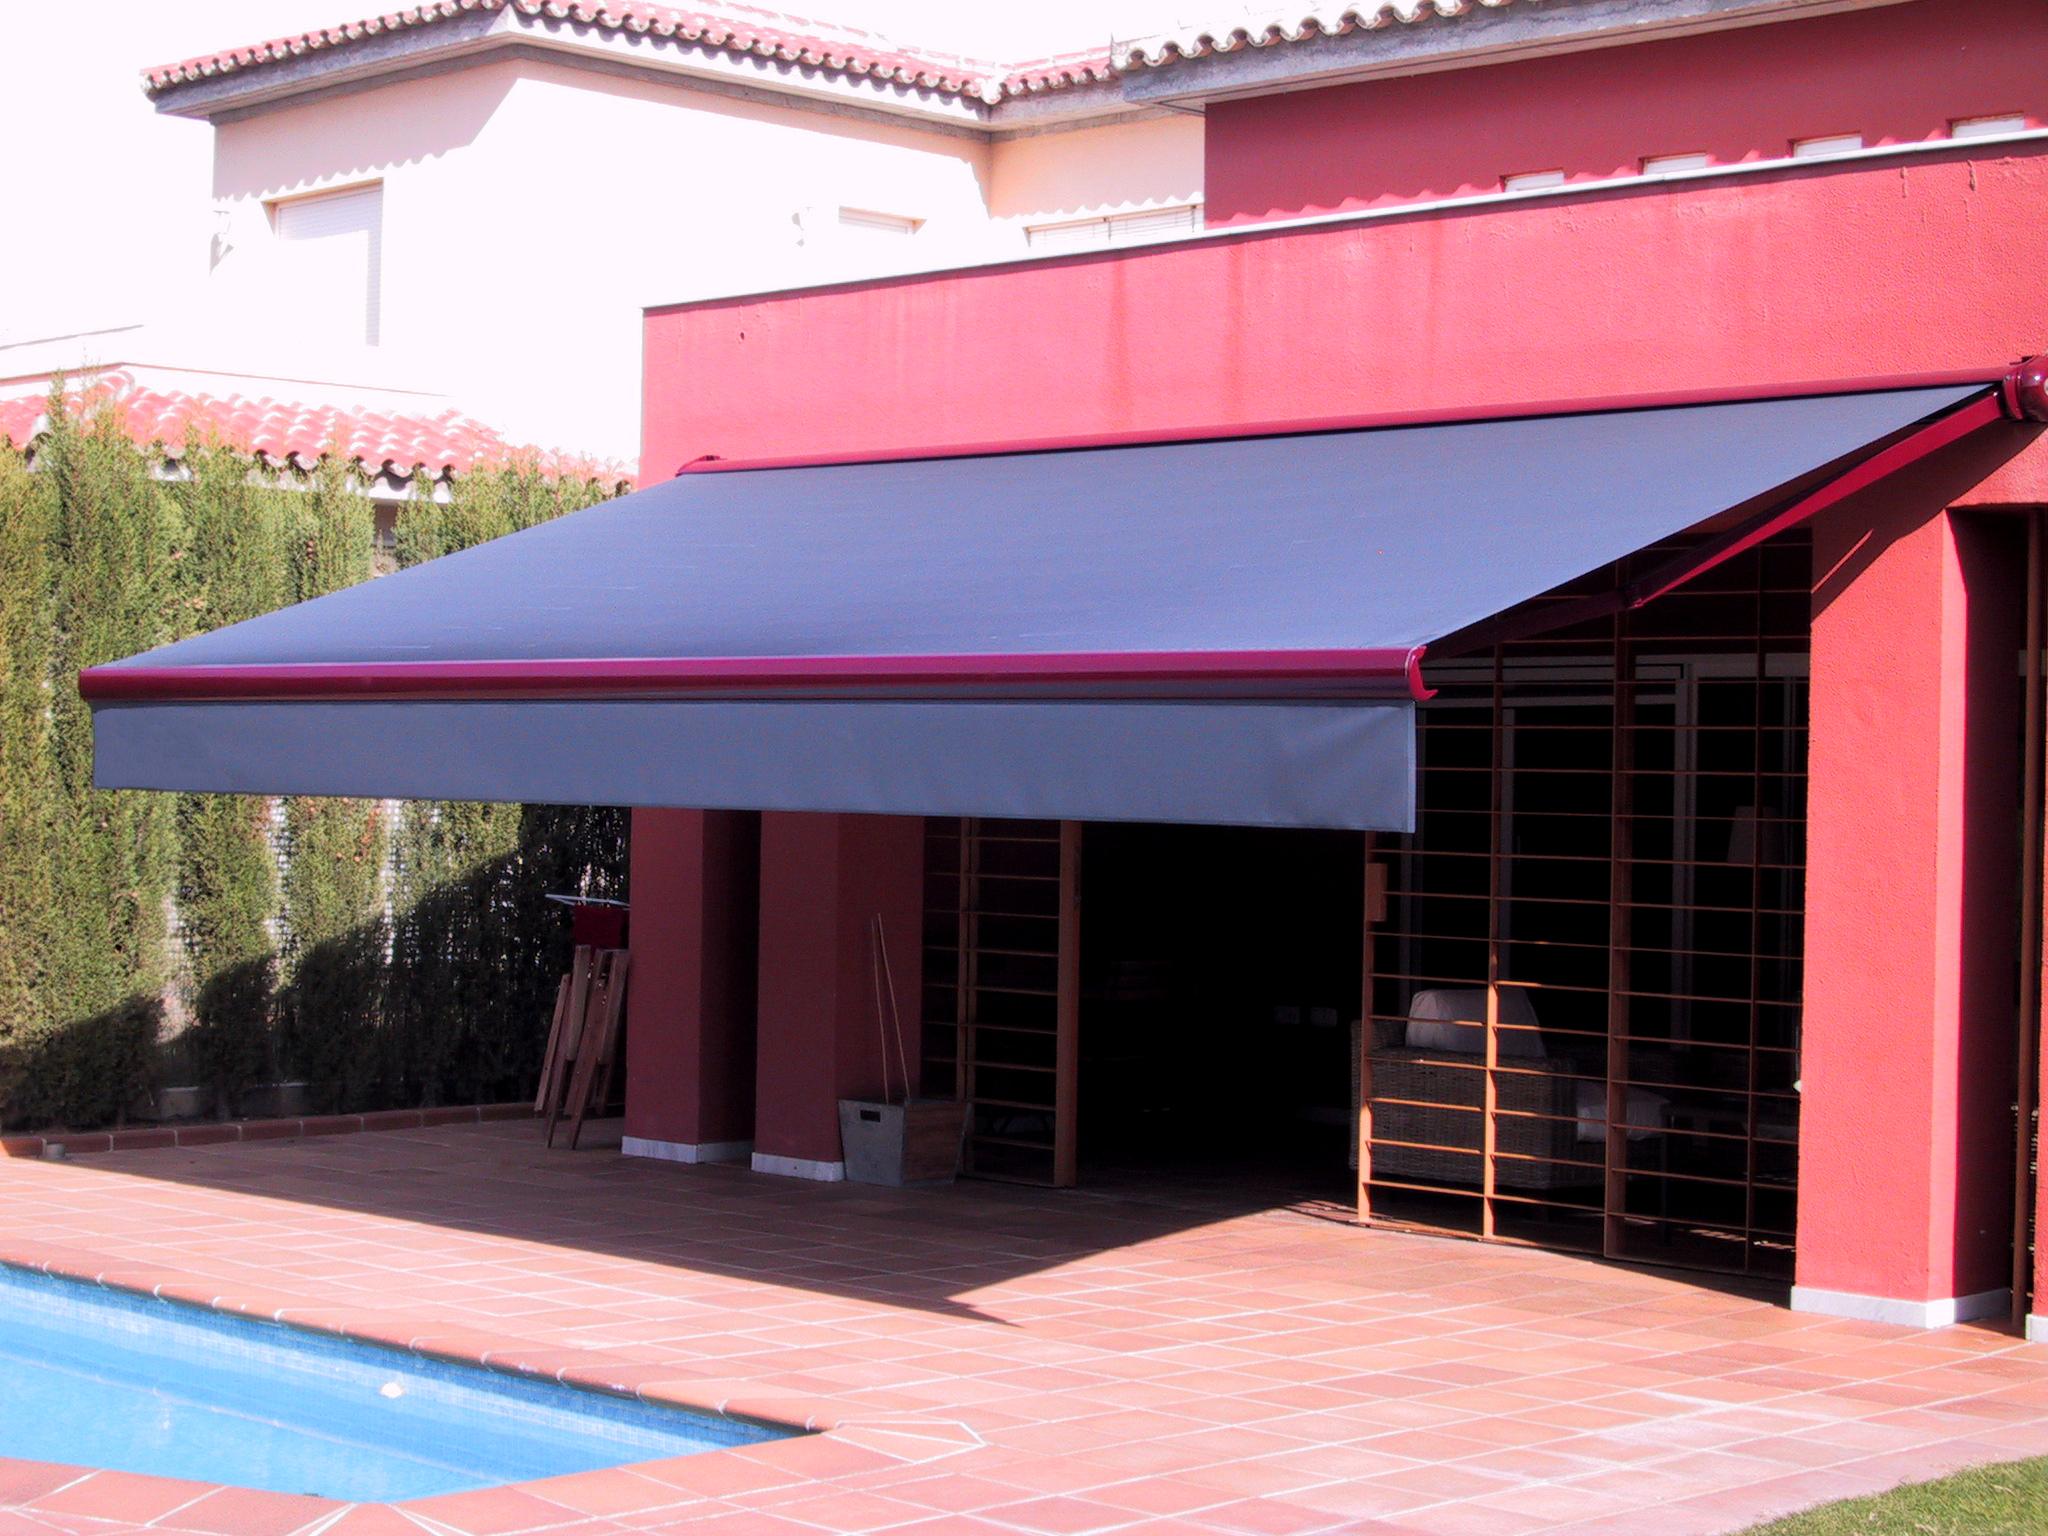 Toldos p rgolas y cortinas de interior cecal 2009 for Mecanismos para toldos de lona